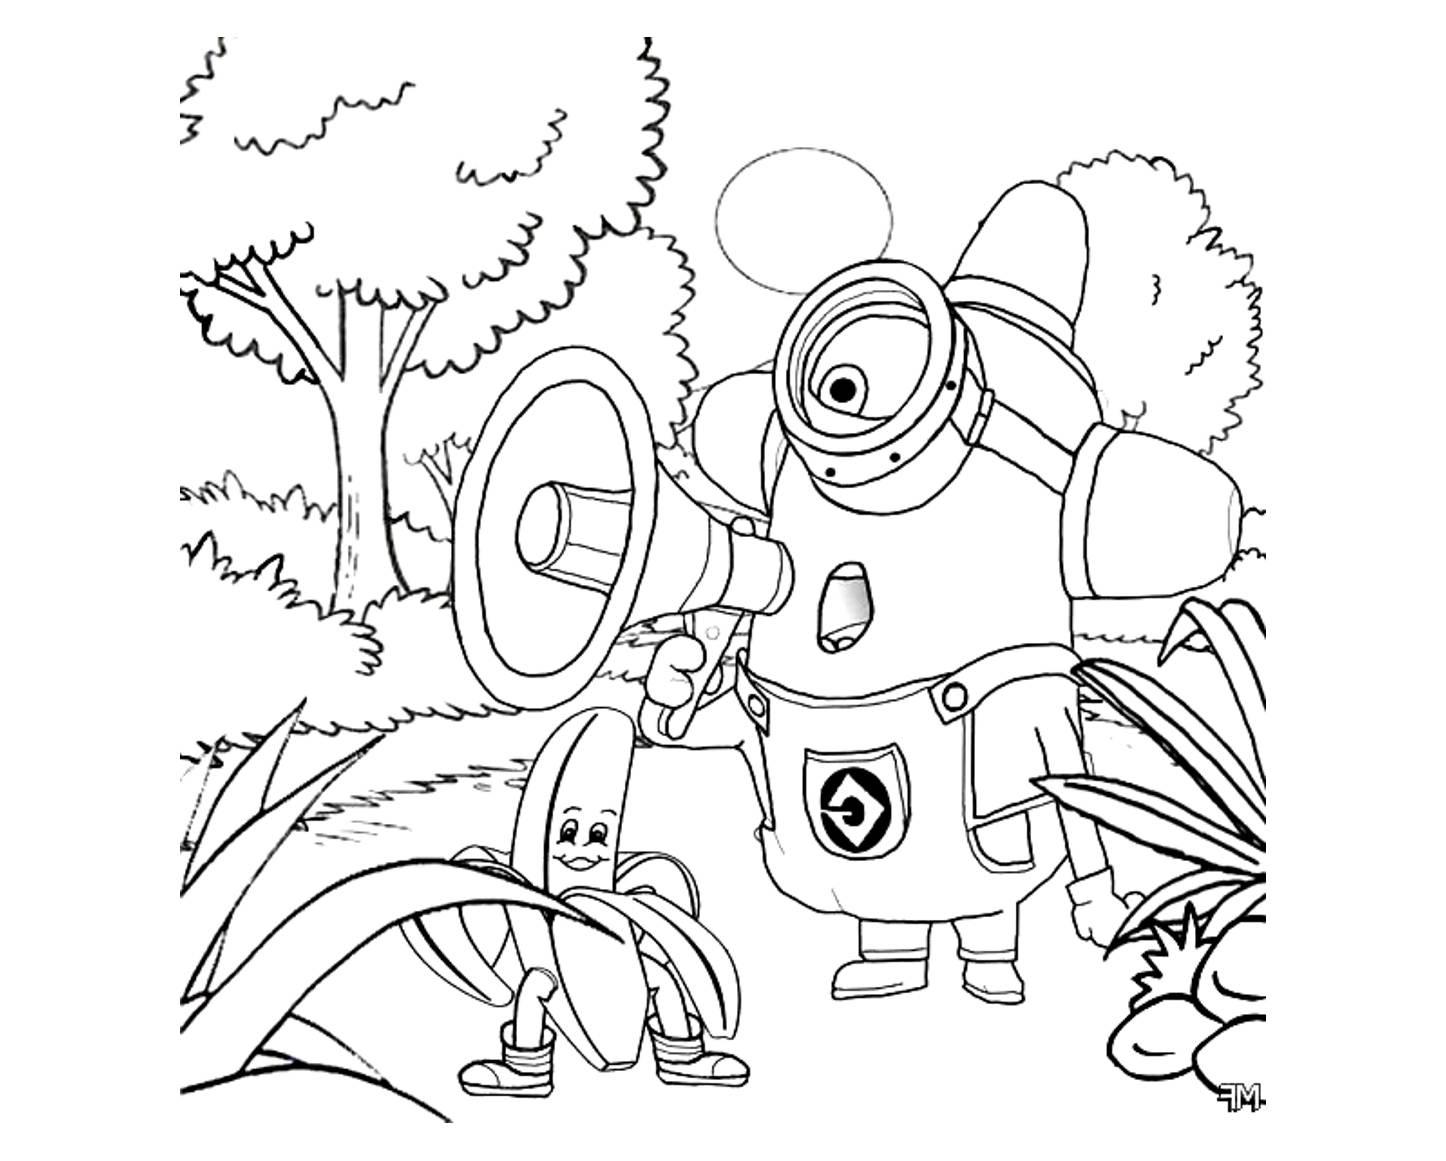 Coloriage les minions gratuit - dessin a imprimer #44